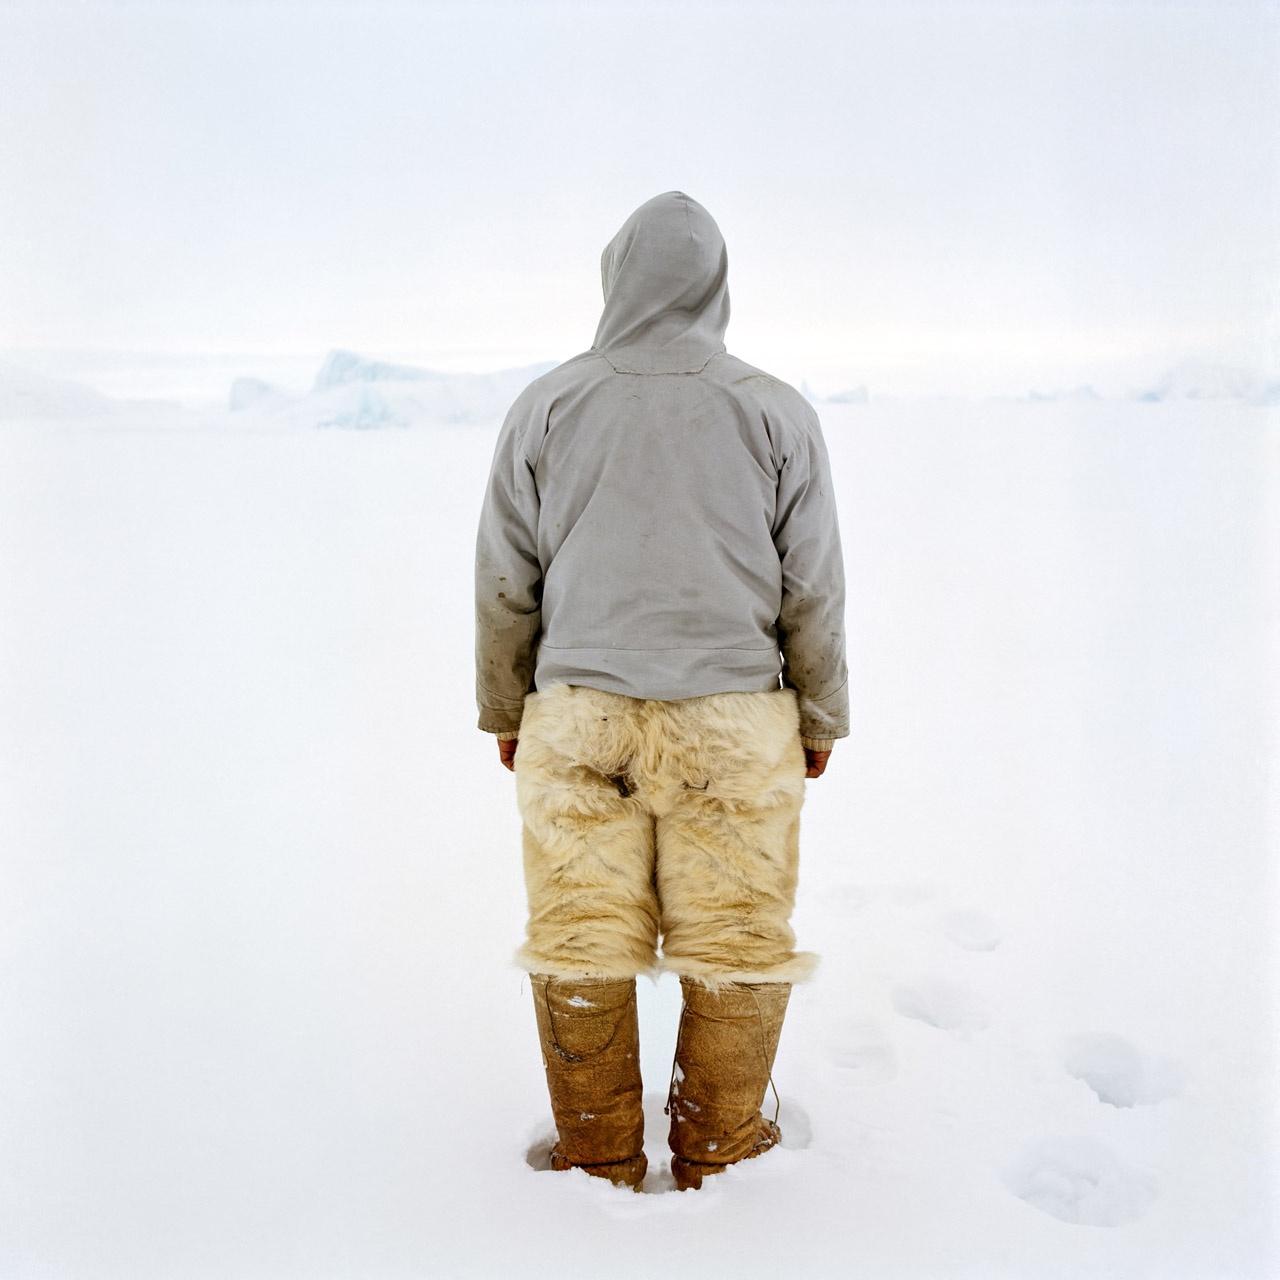 Man 1 ,Savissivik, 2002